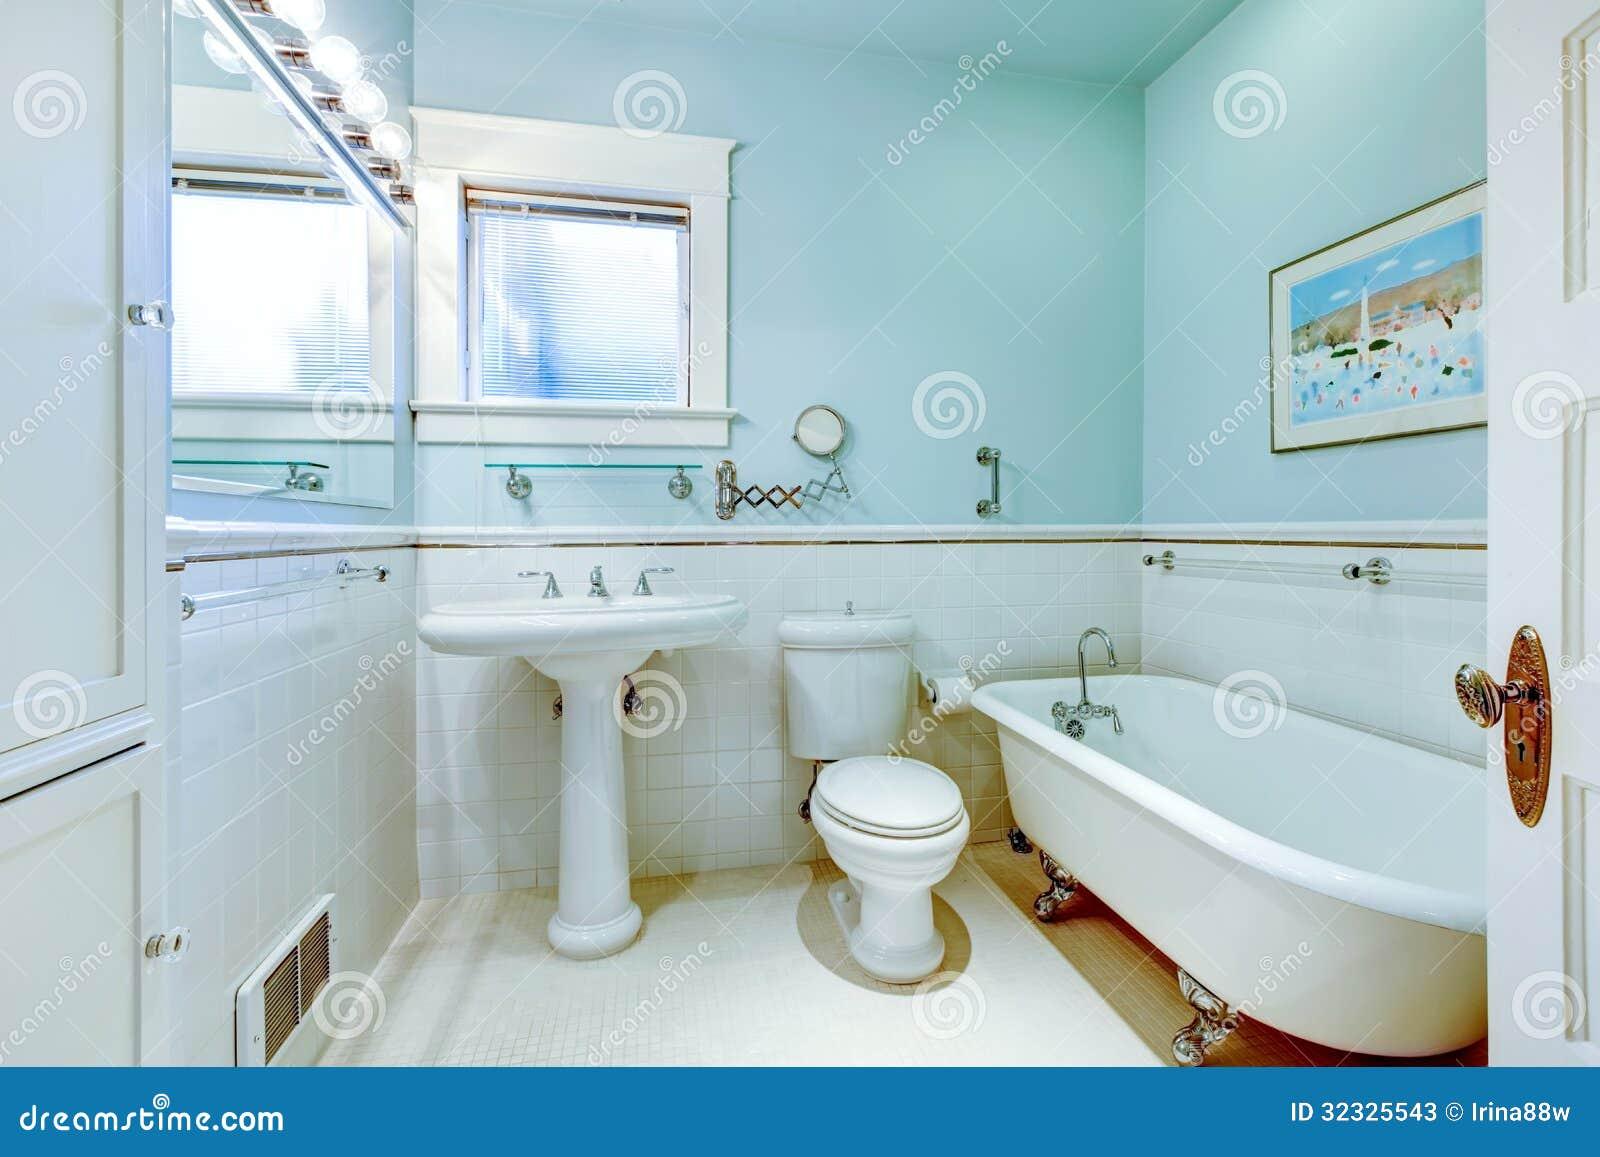 Bagno Elegante Antico Blu Con La Vasca Bianca Immagine